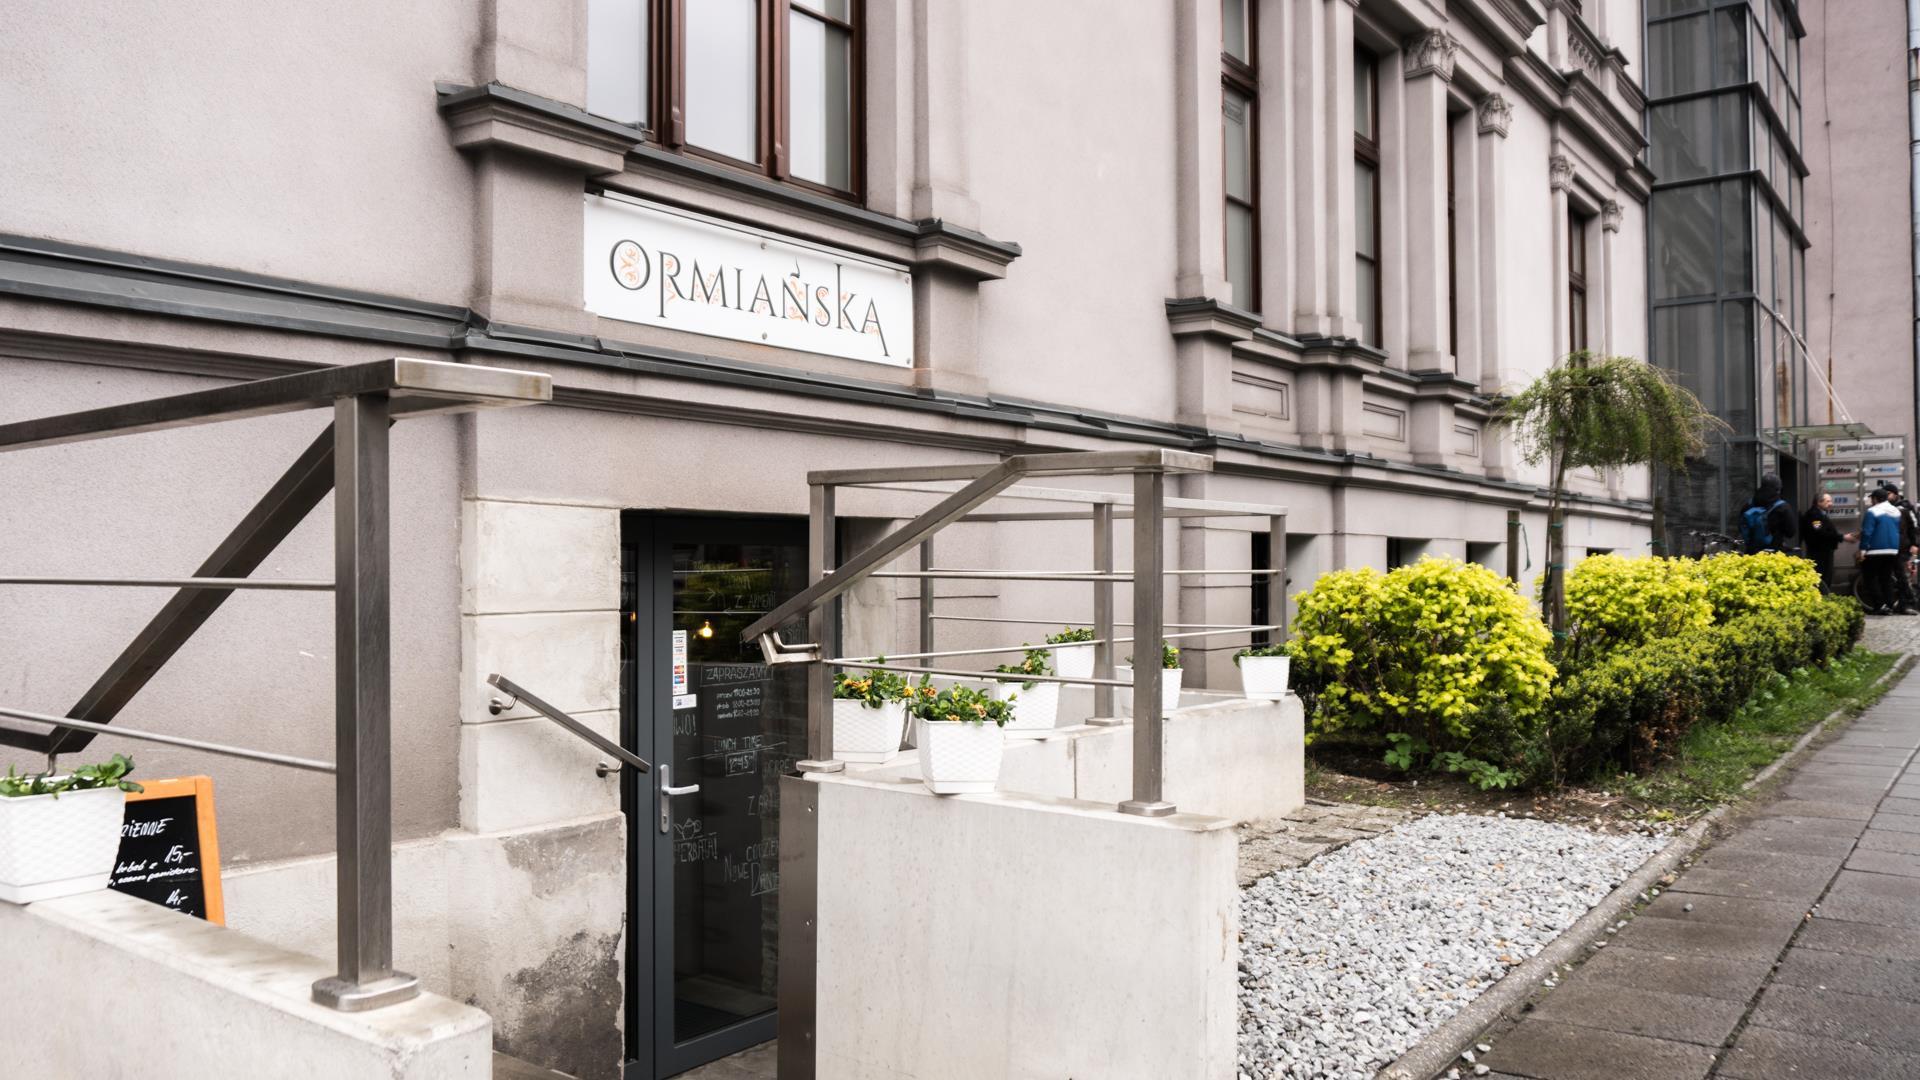 Restauracja Ormianska W Gliwicach